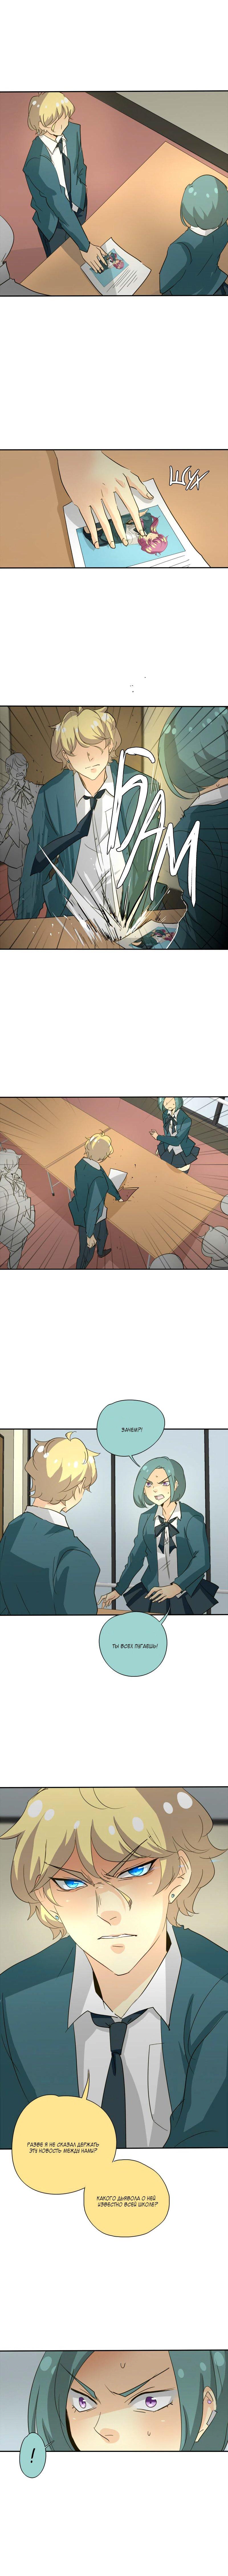 Манга неОРДИНАРНЫЕ / unORDINARY  - Том 1 Глава 114 Страница 3